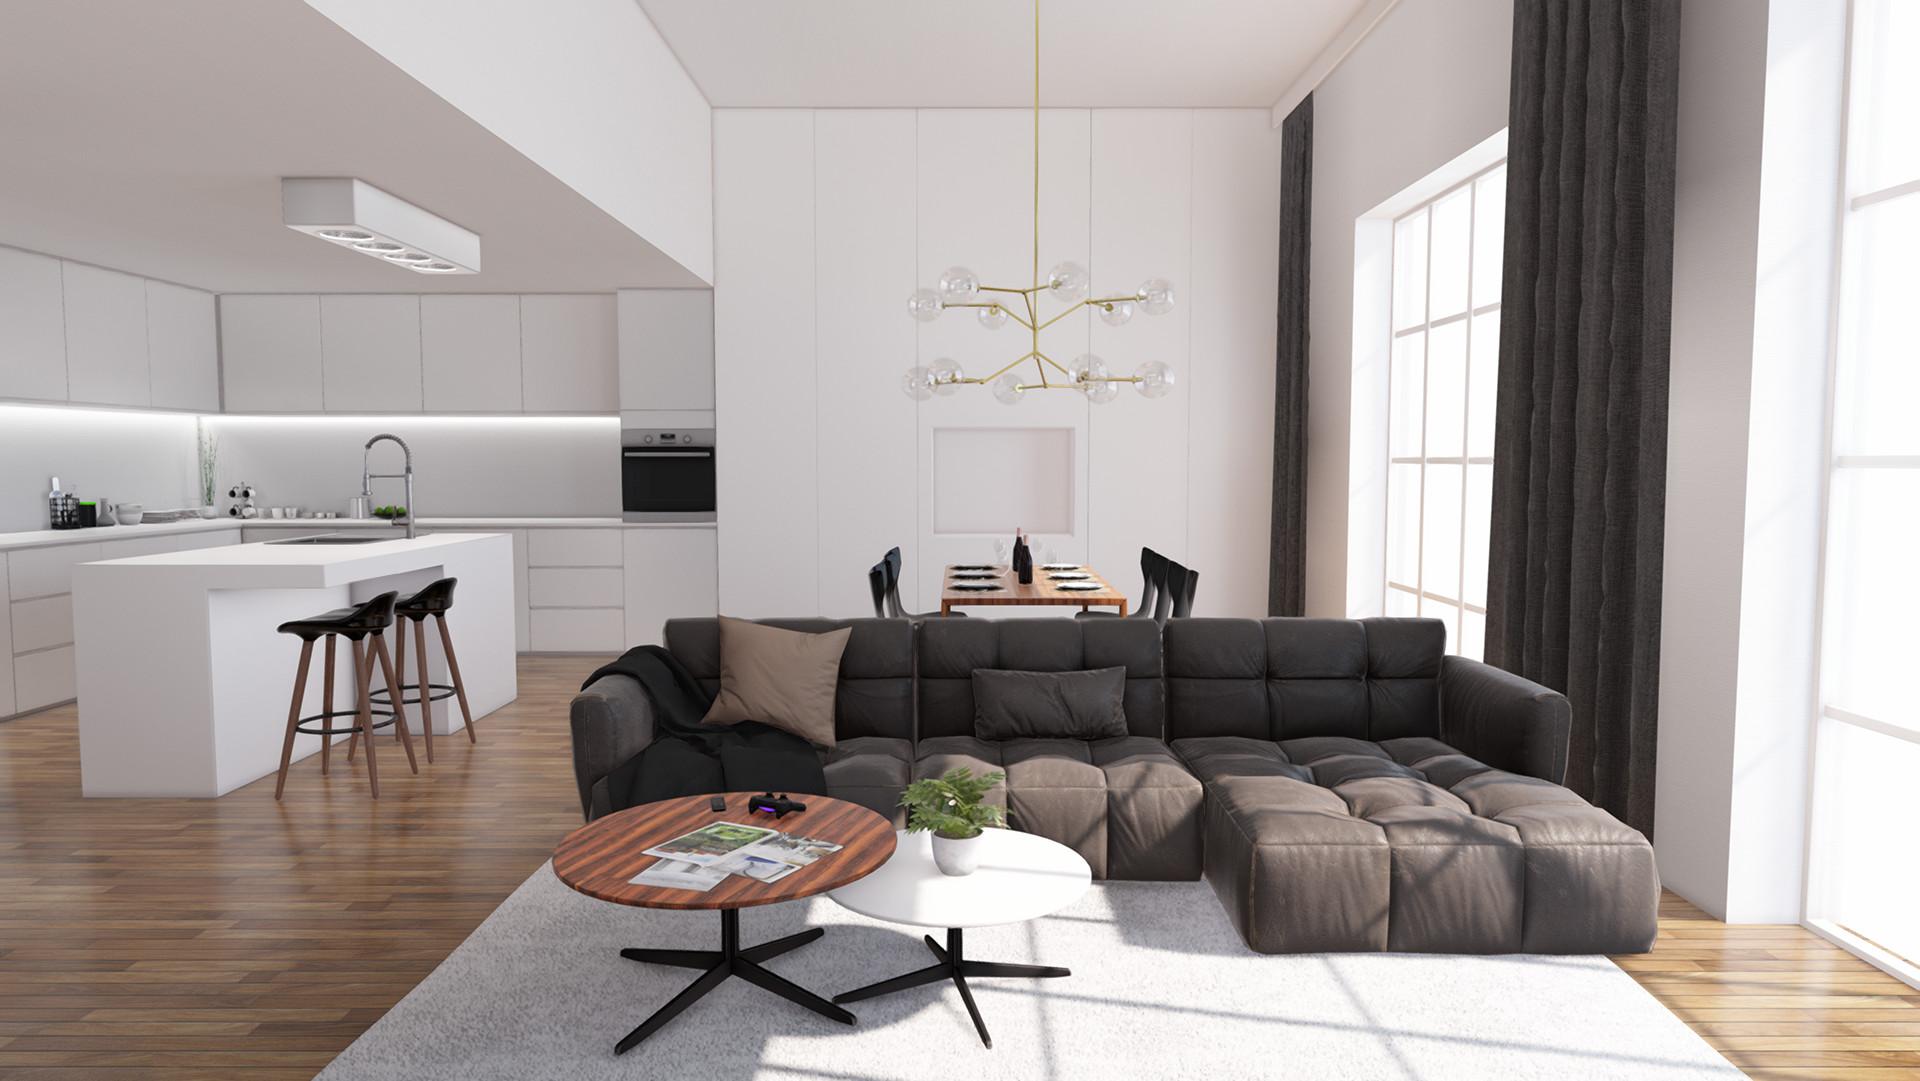 PBR Modern Room